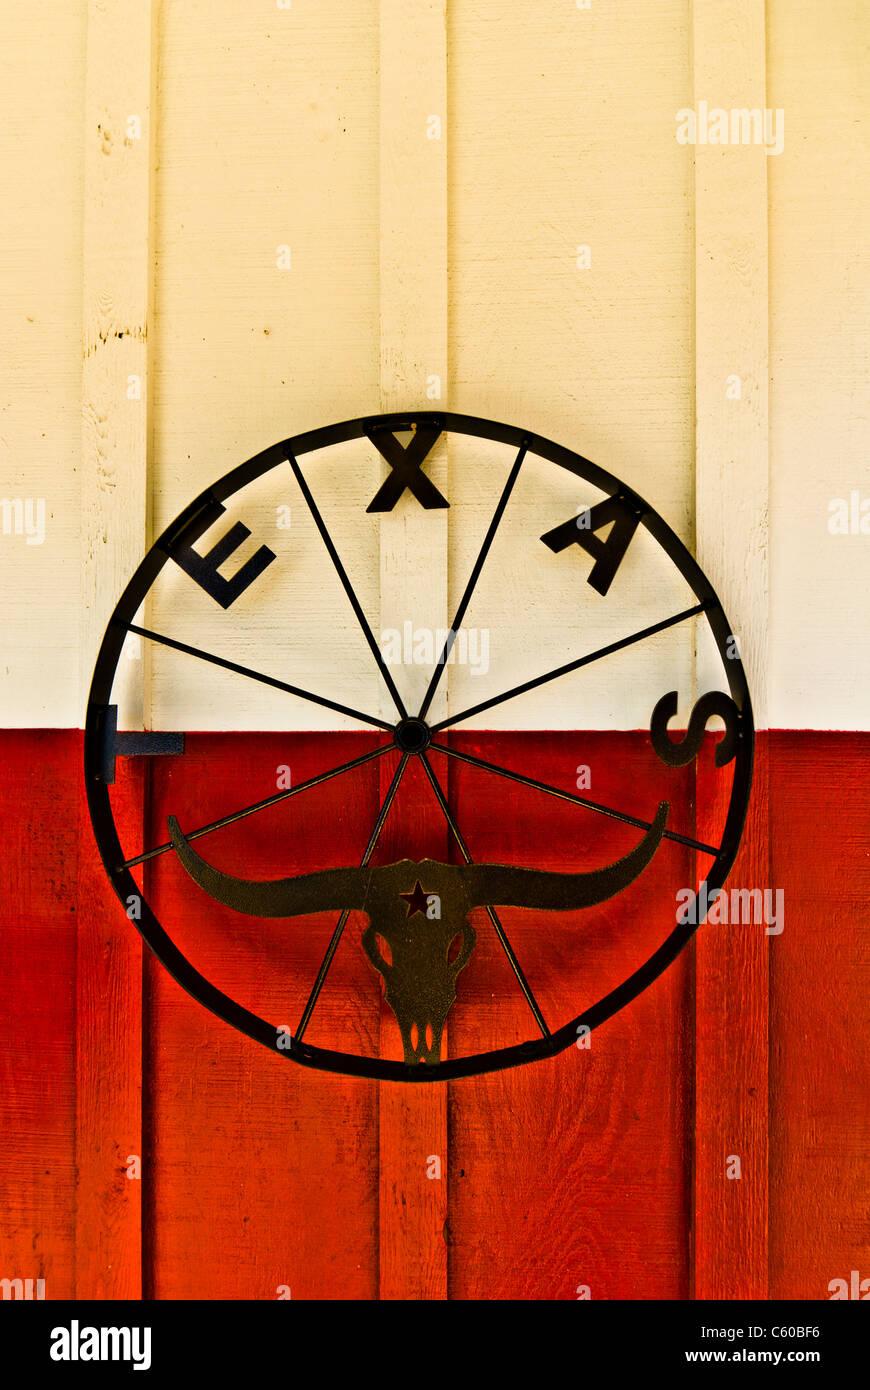 Iron Wheel Wagon Stock Photos & Iron Wheel Wagon Stock Images - Alamy